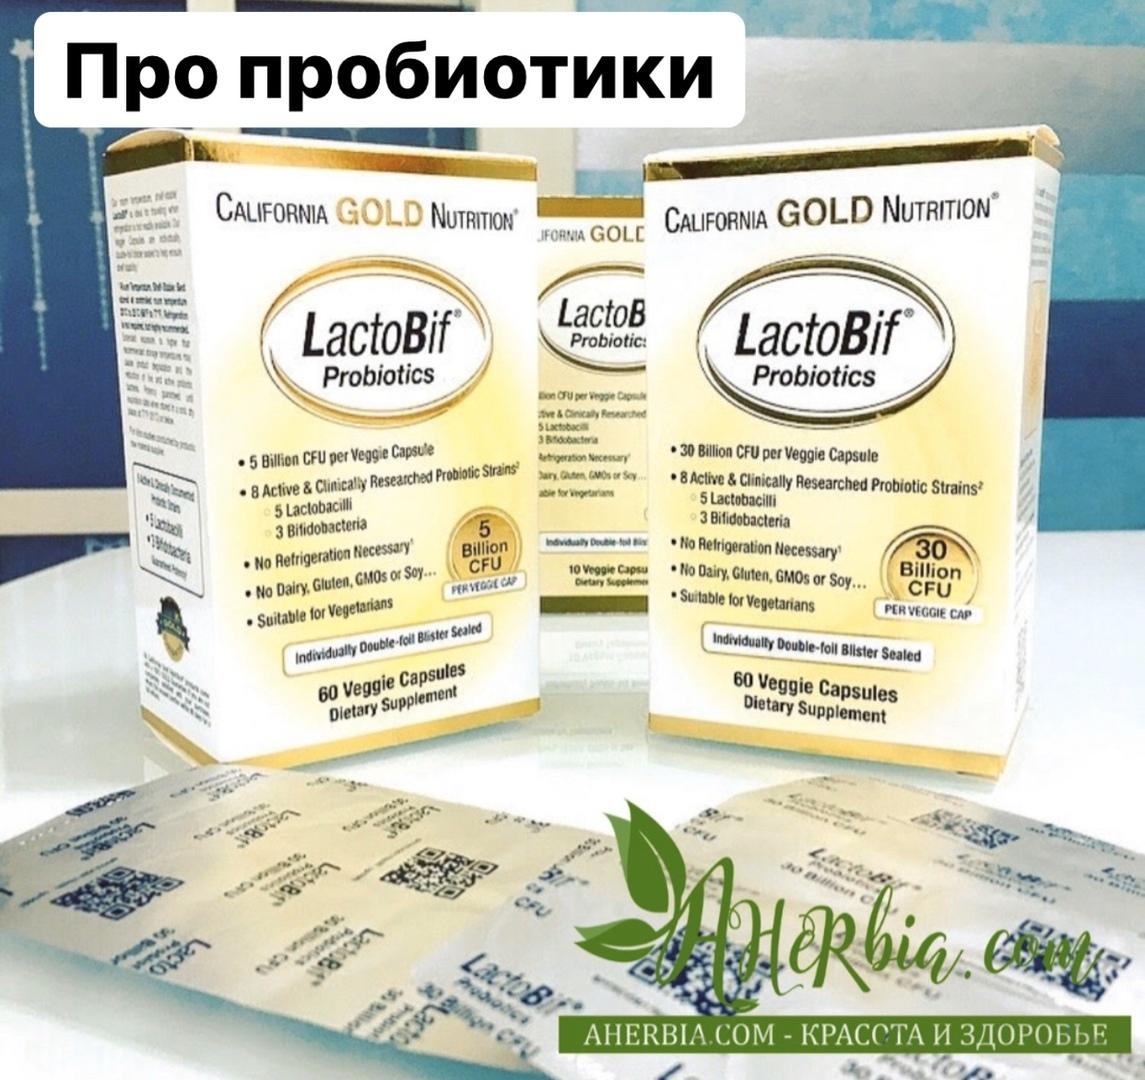 пробиотики на iherb